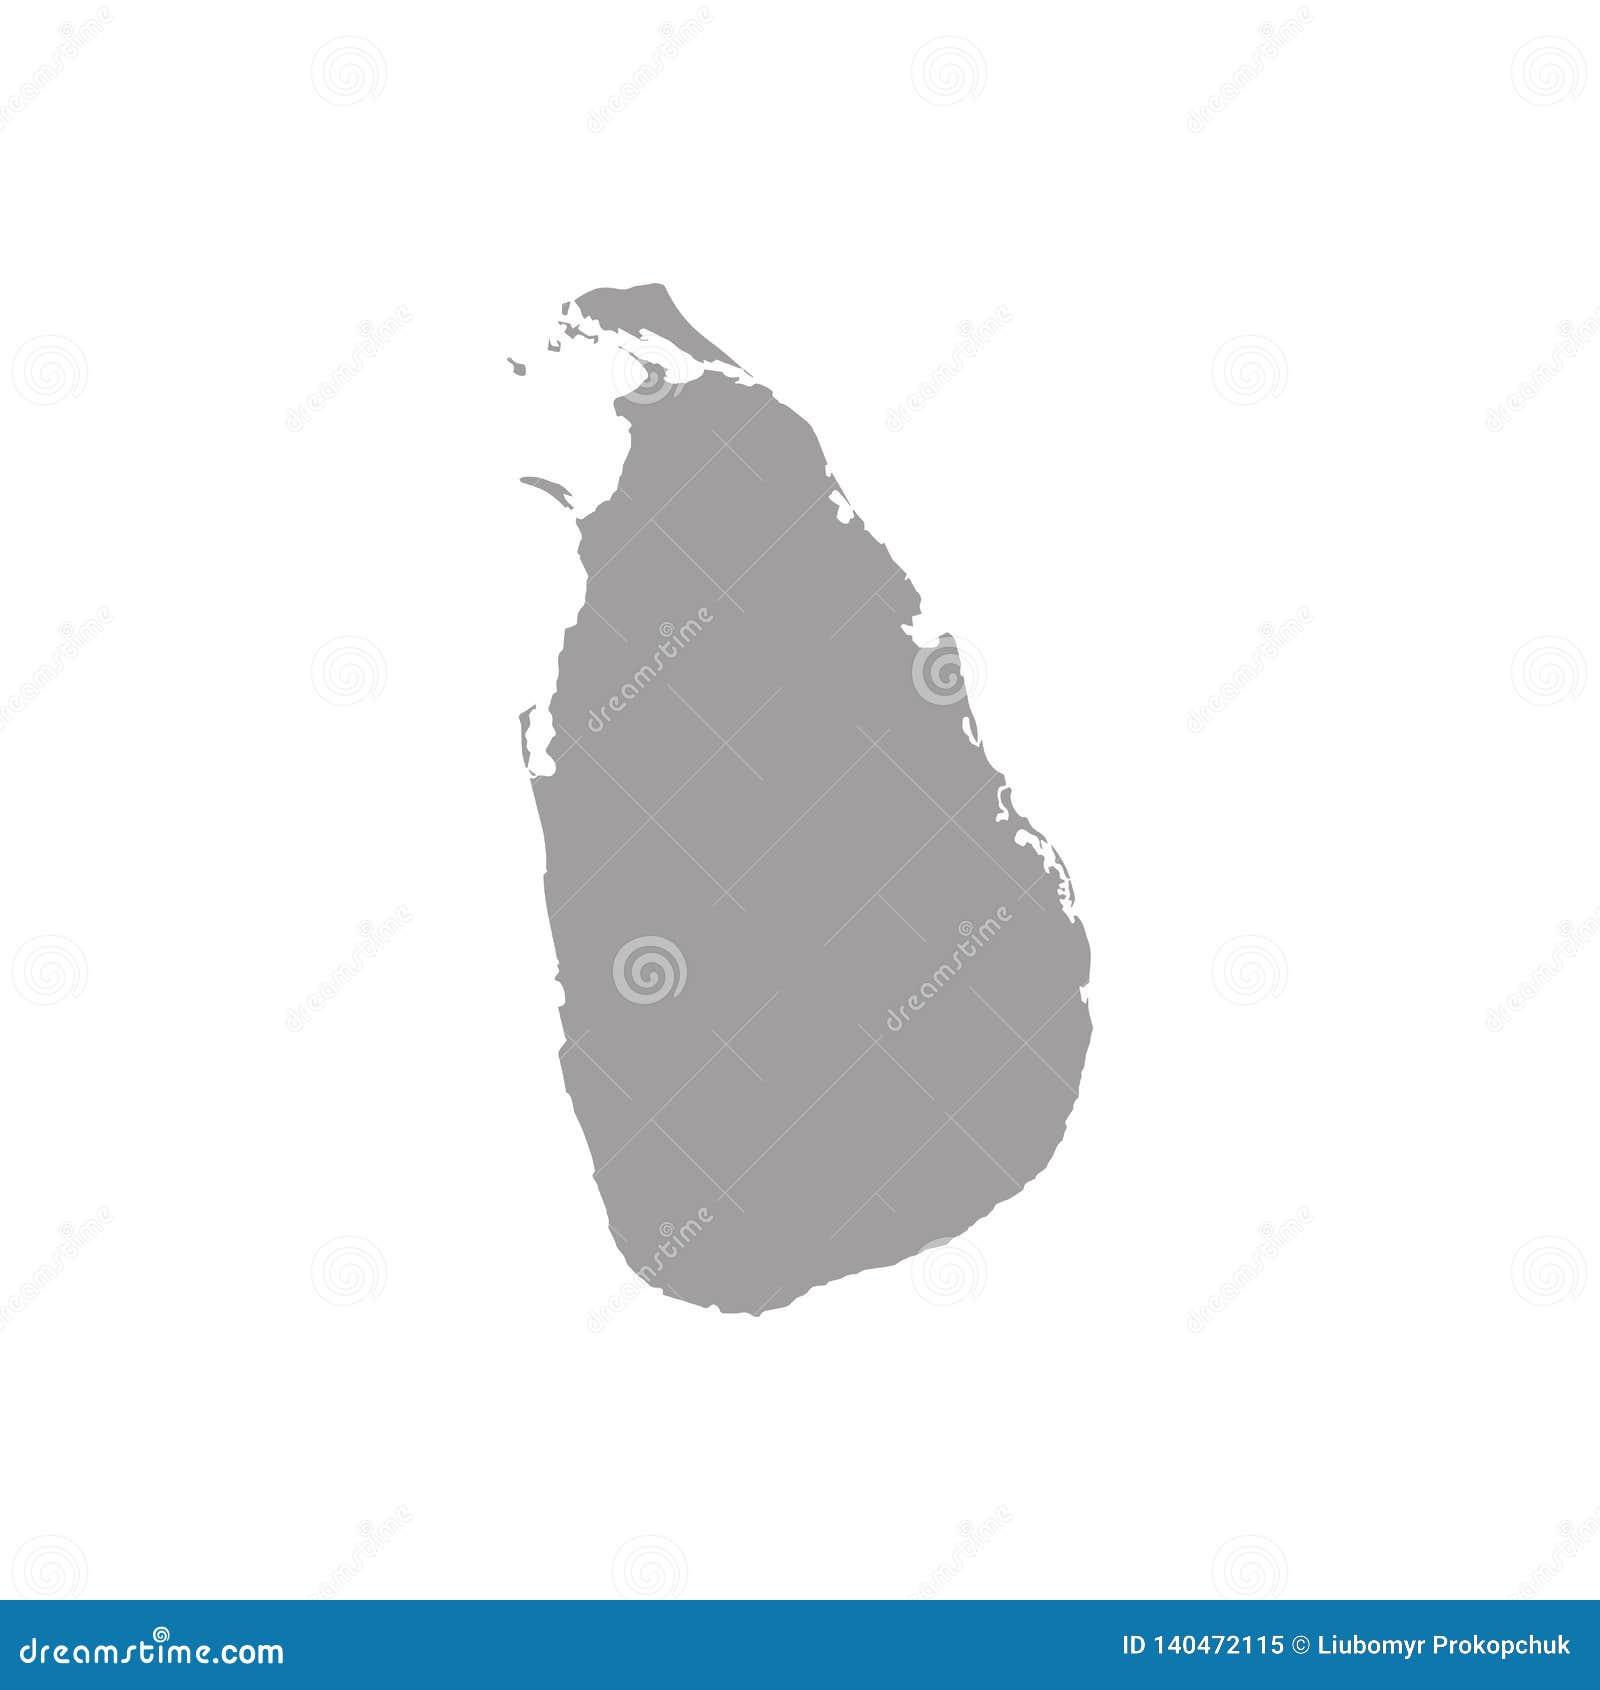 Hohe ausführliche Vektorkarte von Sri Lanka mit Navigationsstiften